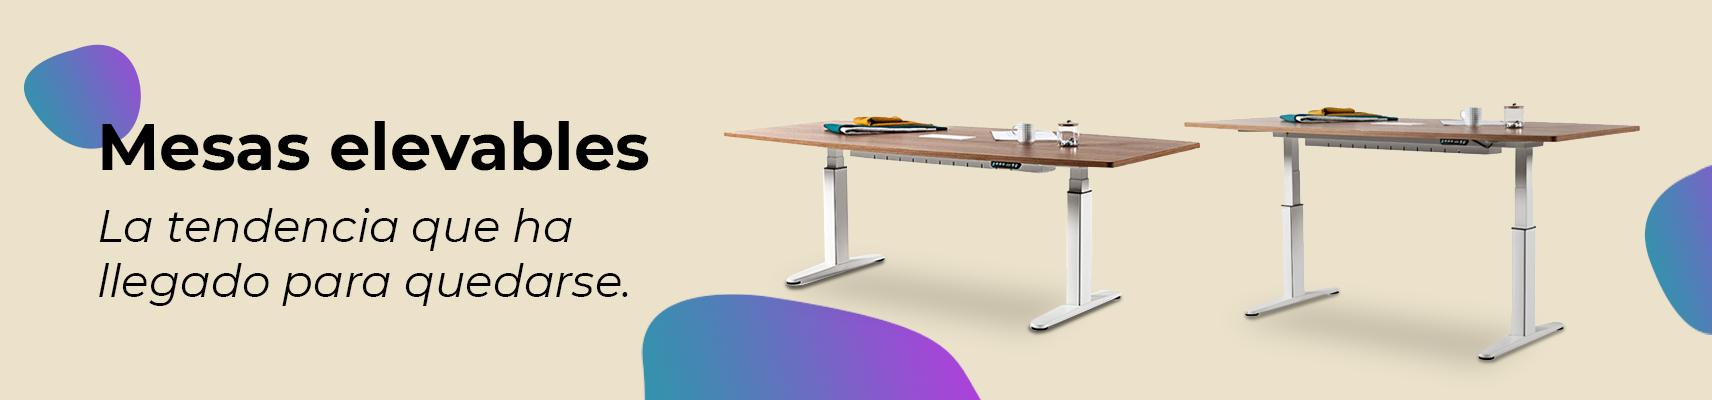 mesas elevables de oficinas